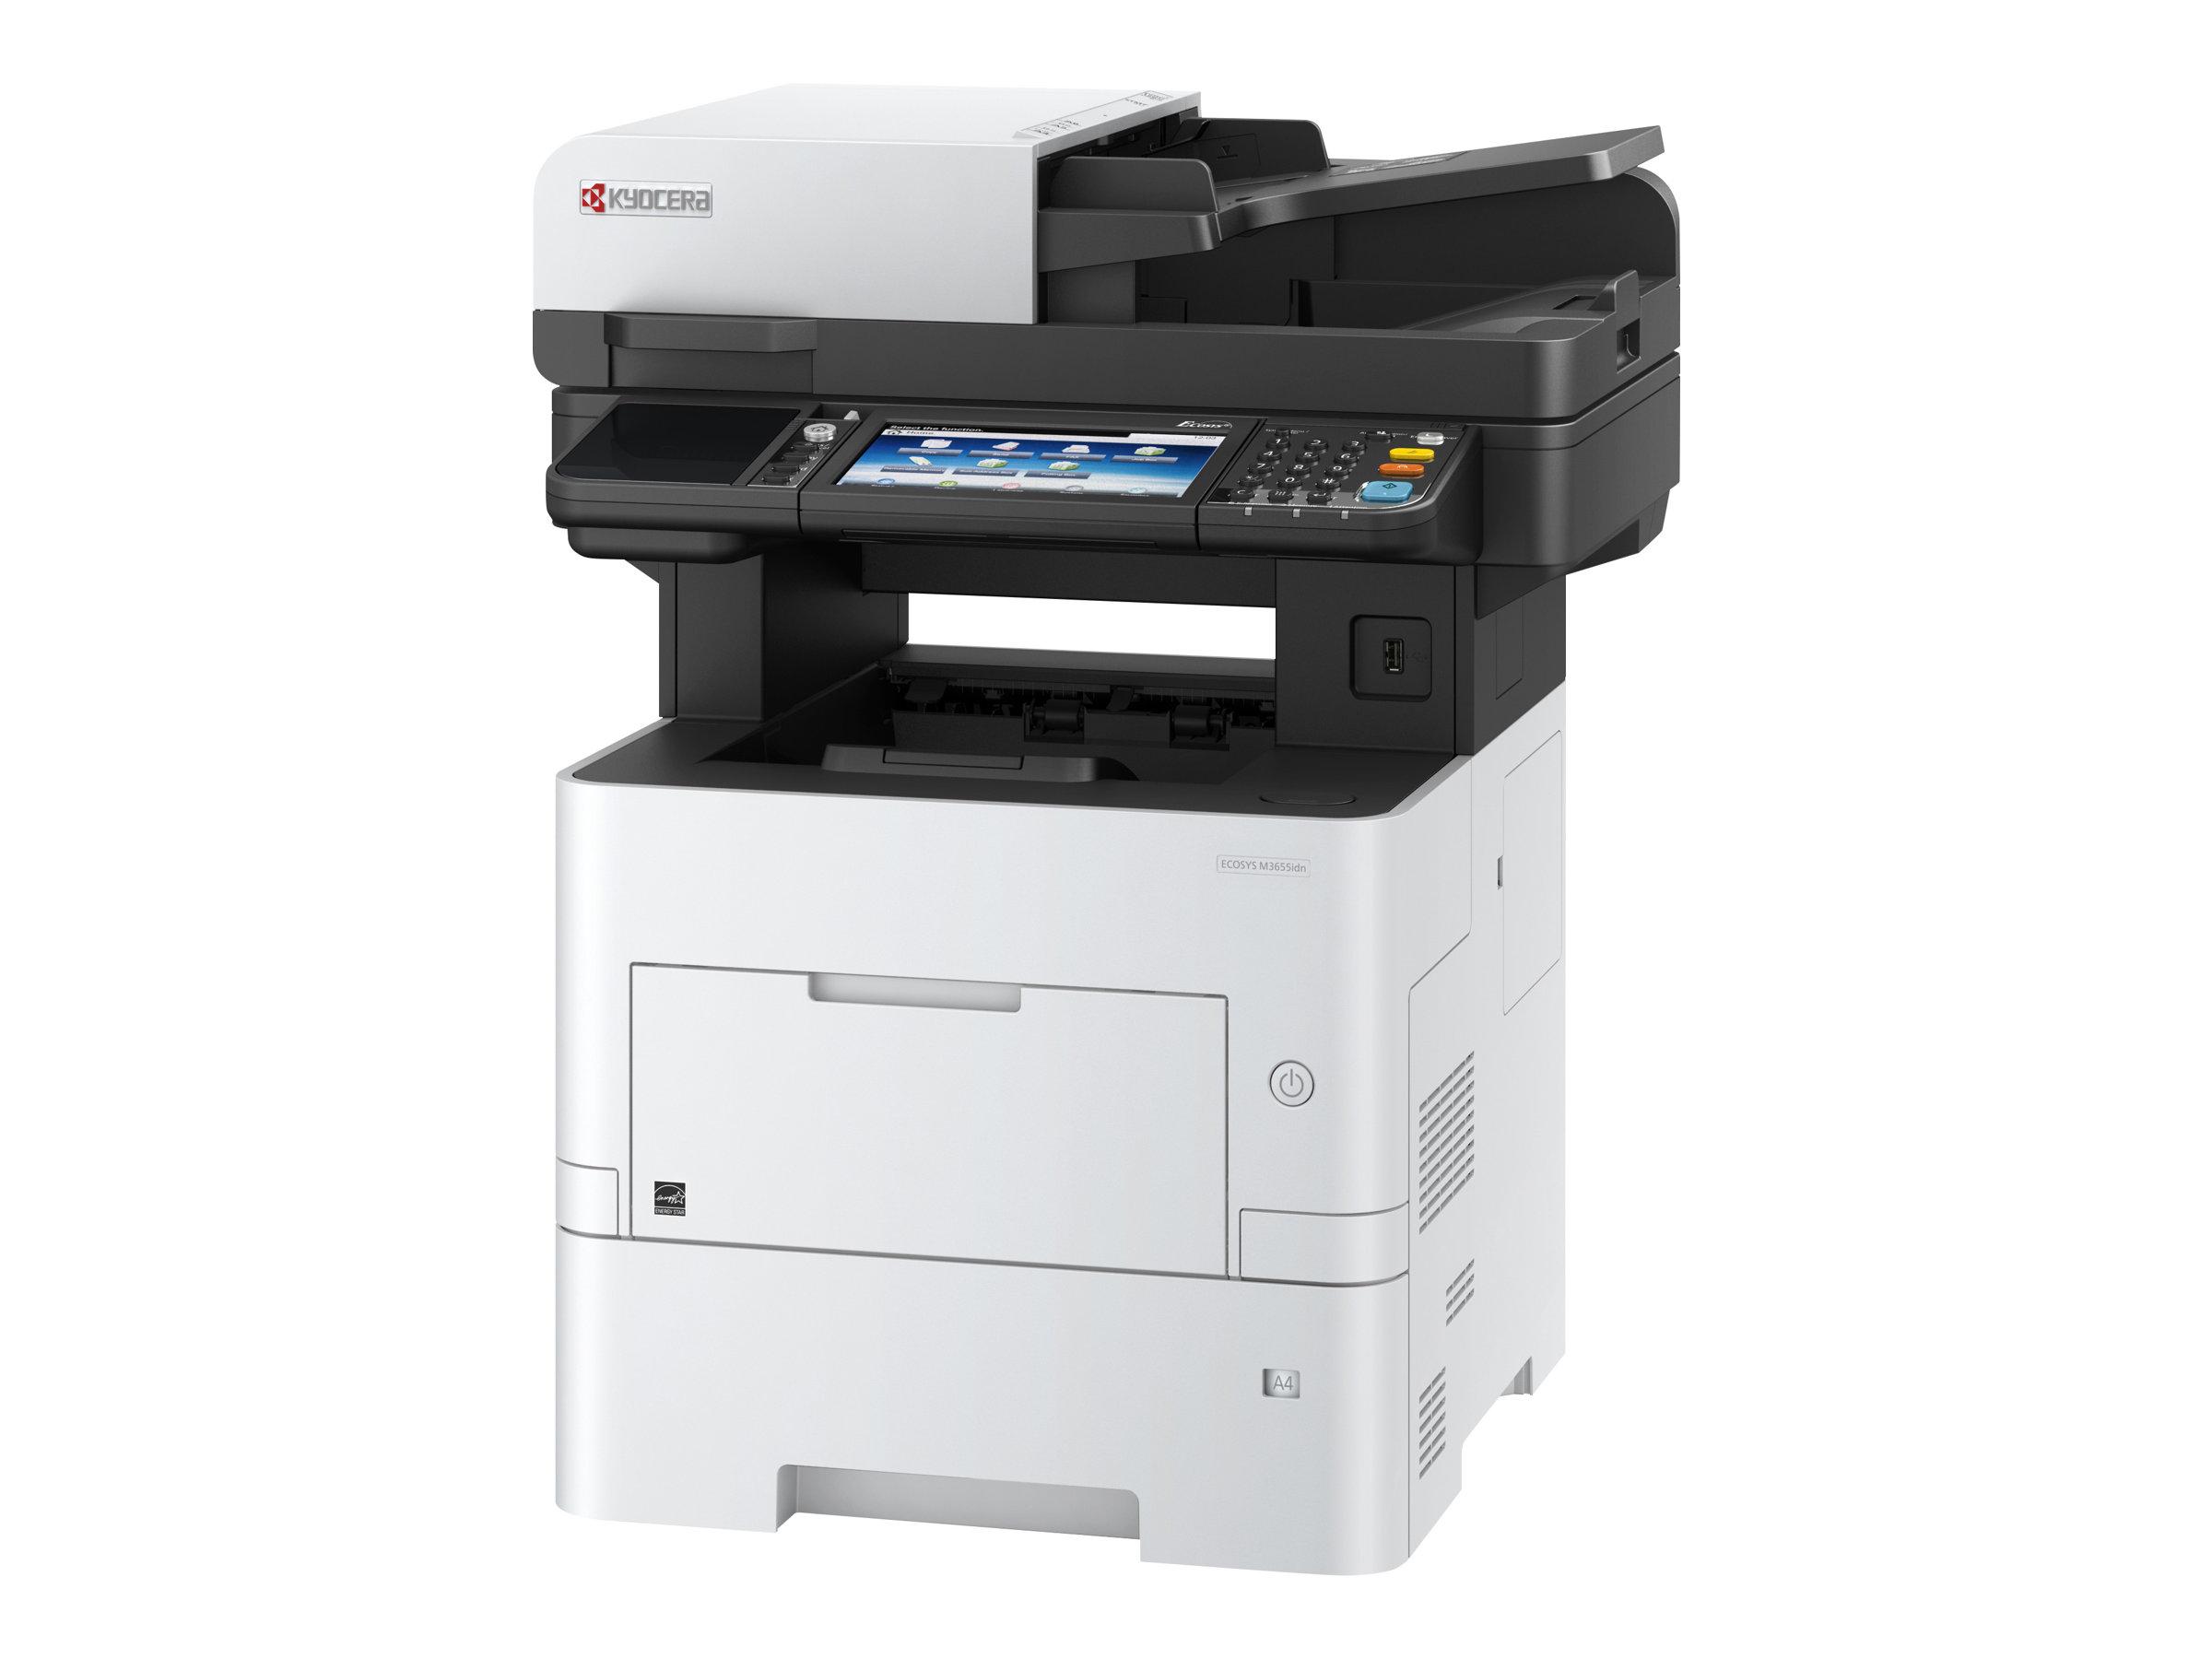 Kyocera ECOSYS M3655idn - Multifunktionsdrucker - s/w - Laser - A4 (210 x 297 mm), Legal (216 x 356 mm) (Original) - A4/Legal (M